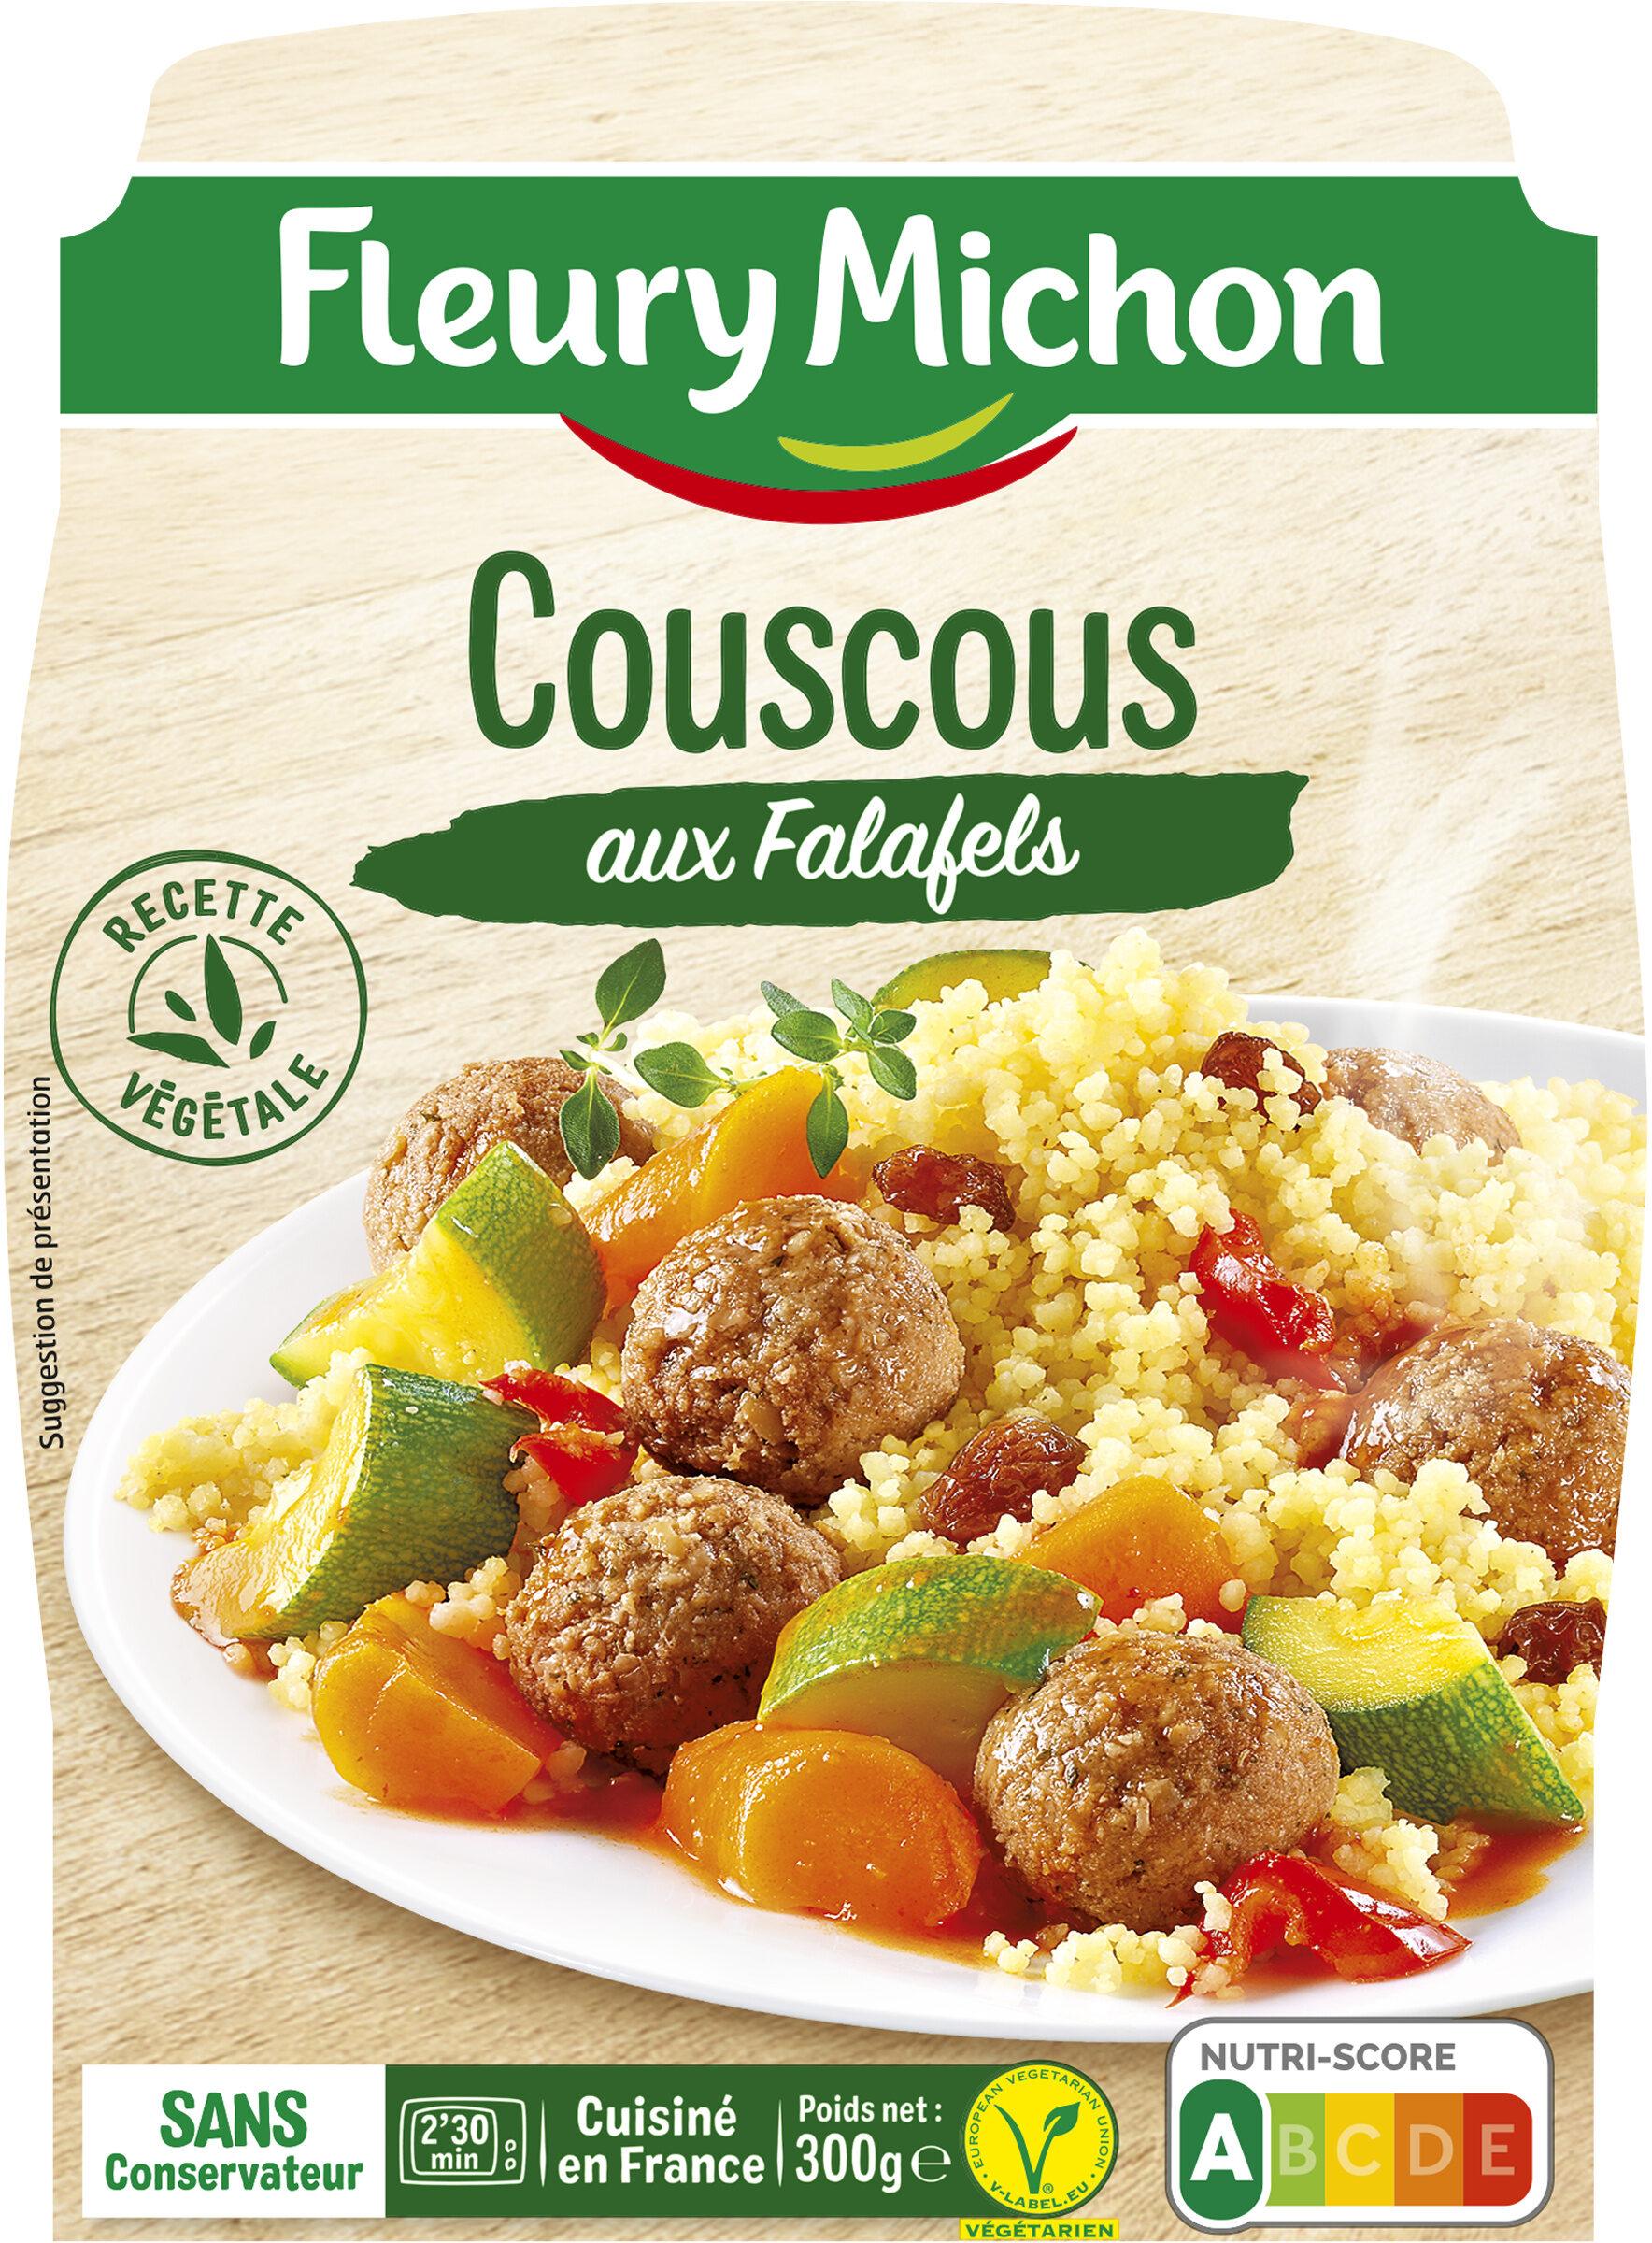 Couscous aux falafels - Product